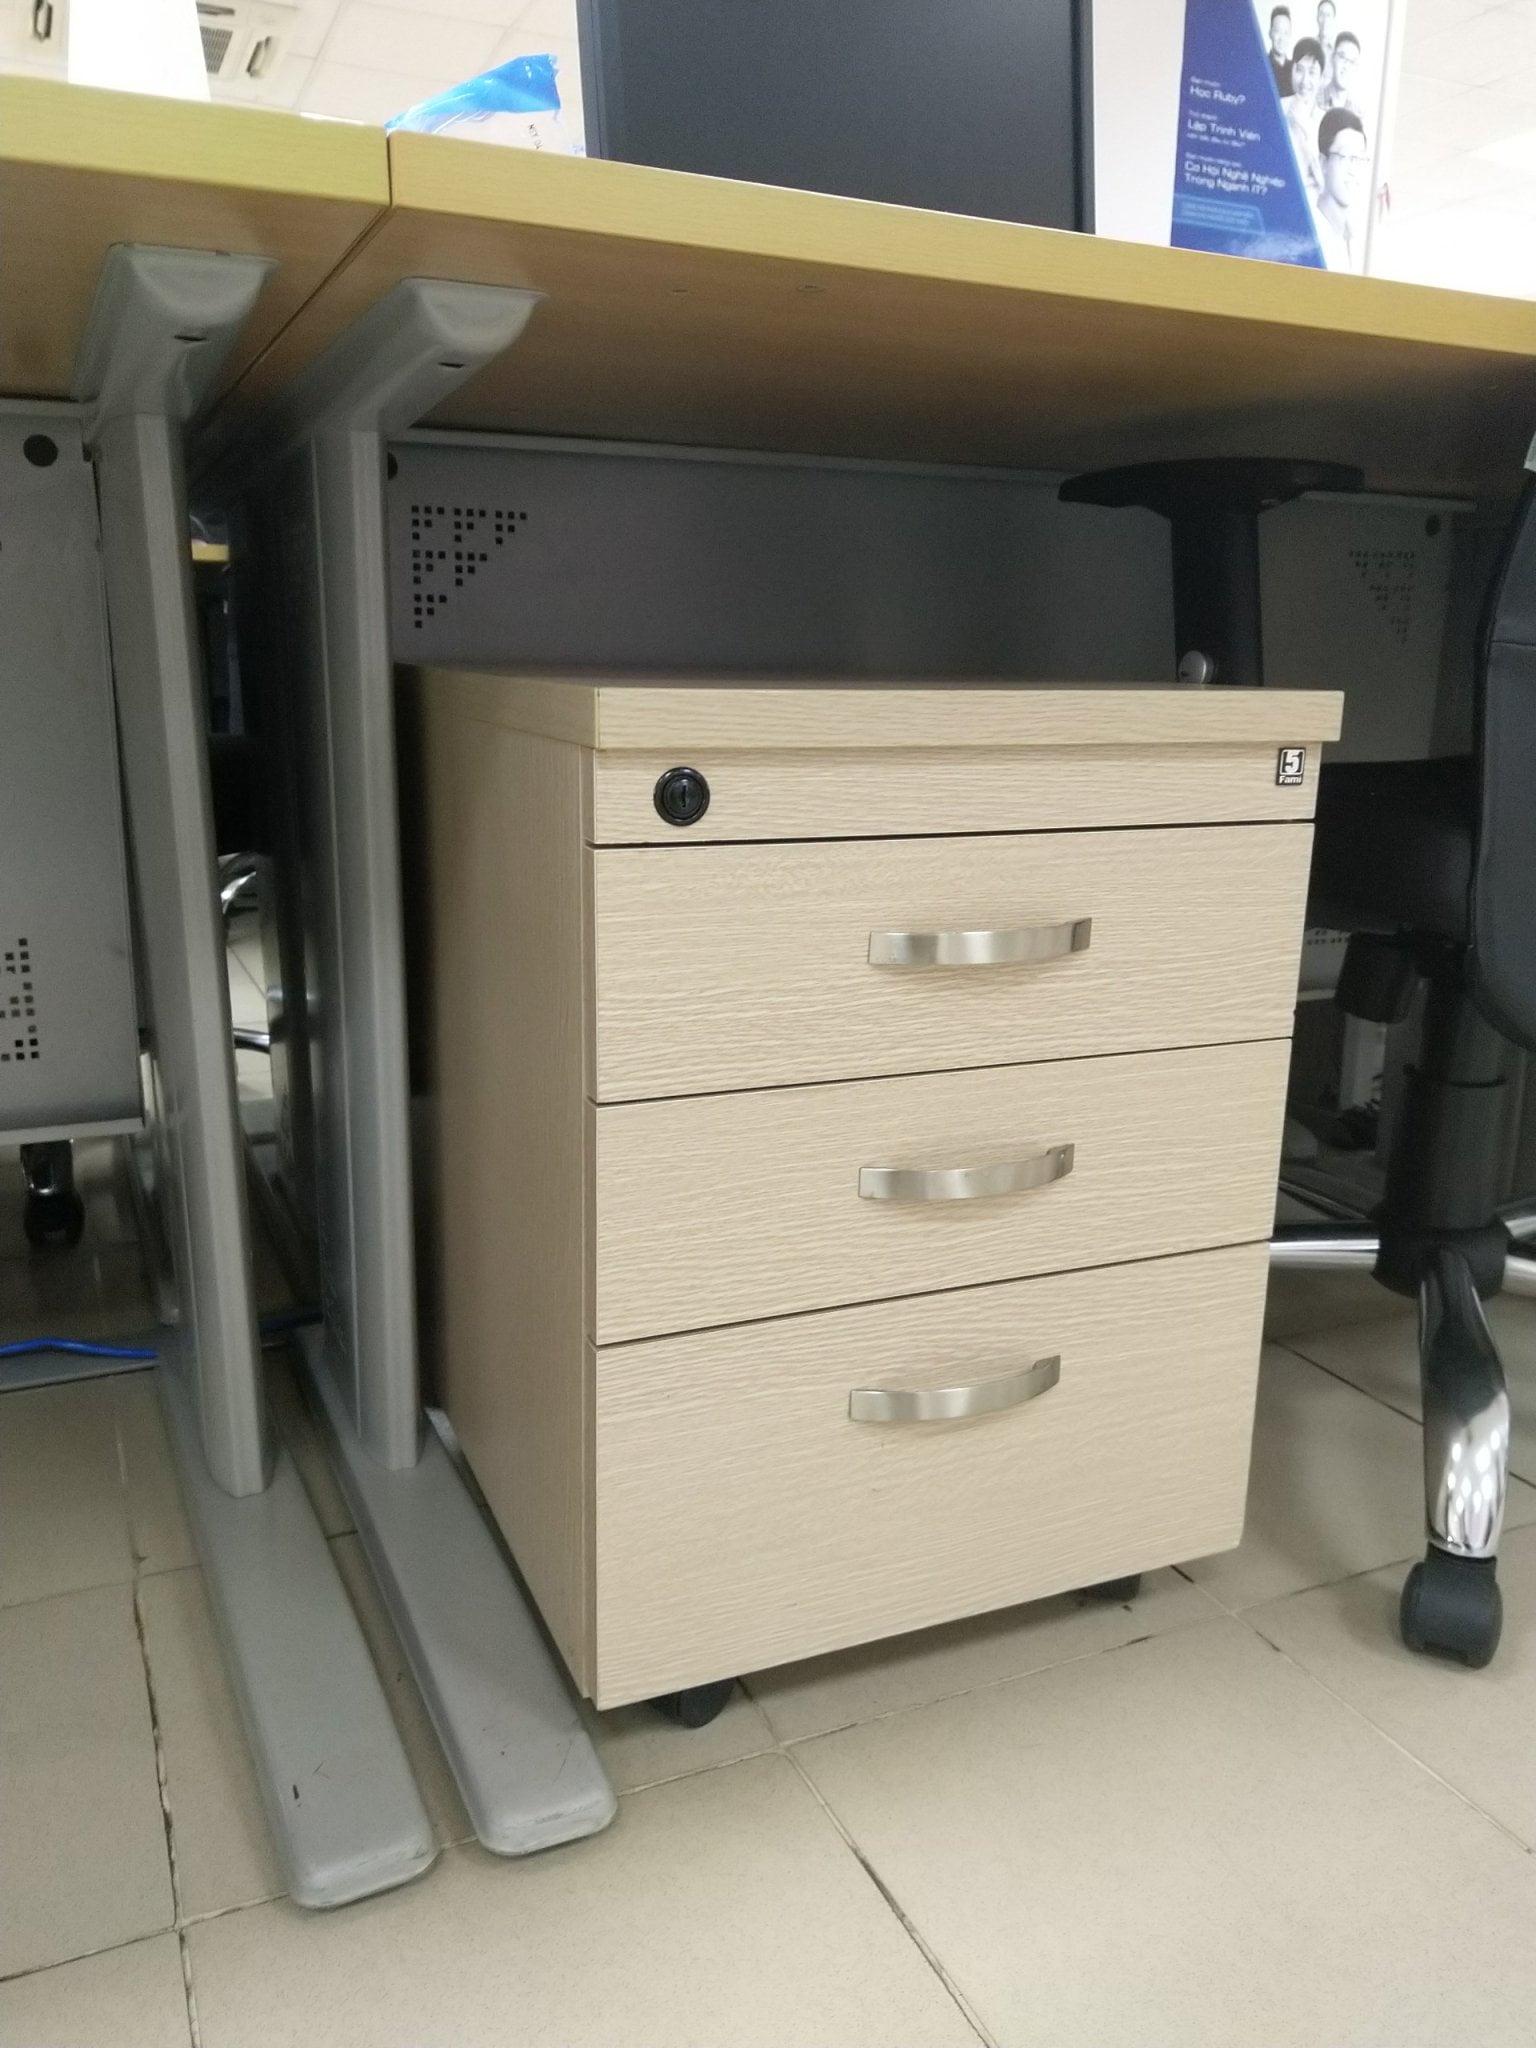 Thanh lý tủ văn phòng Hải Dương giá rẻ nhiều mẫu mã đẹp